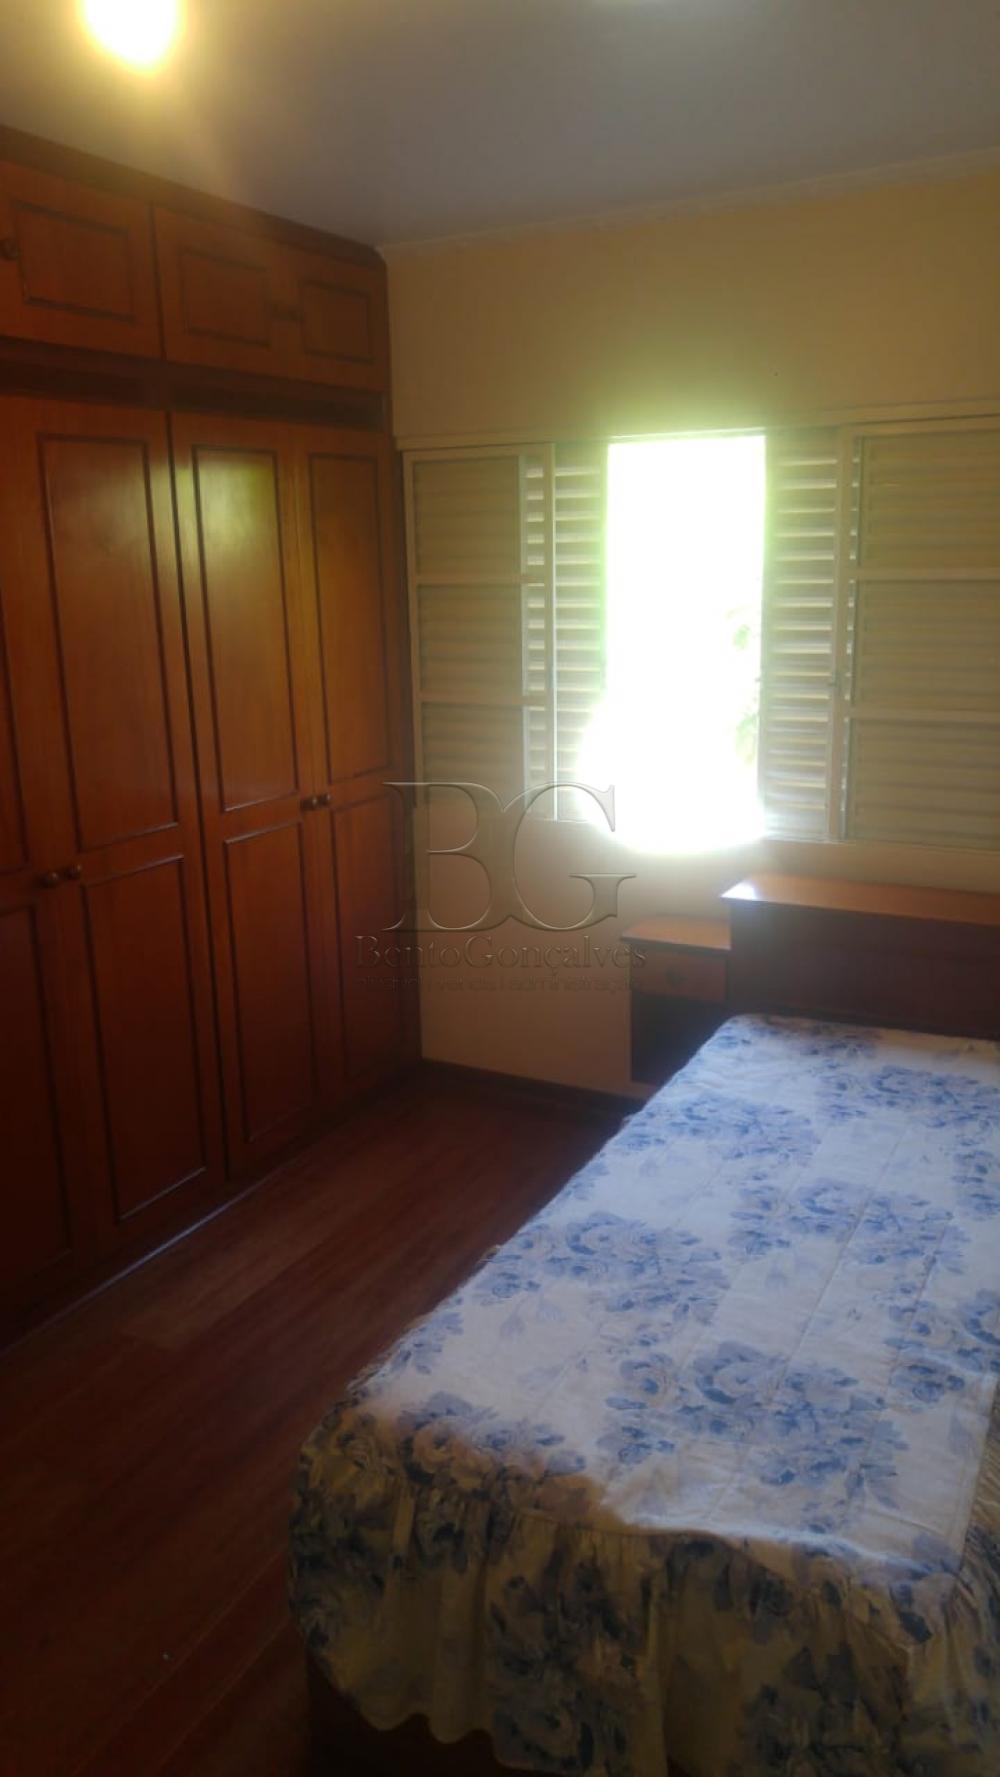 Comprar Apartamentos / Padrão em Poços de Caldas apenas R$ 495.000,00 - Foto 6